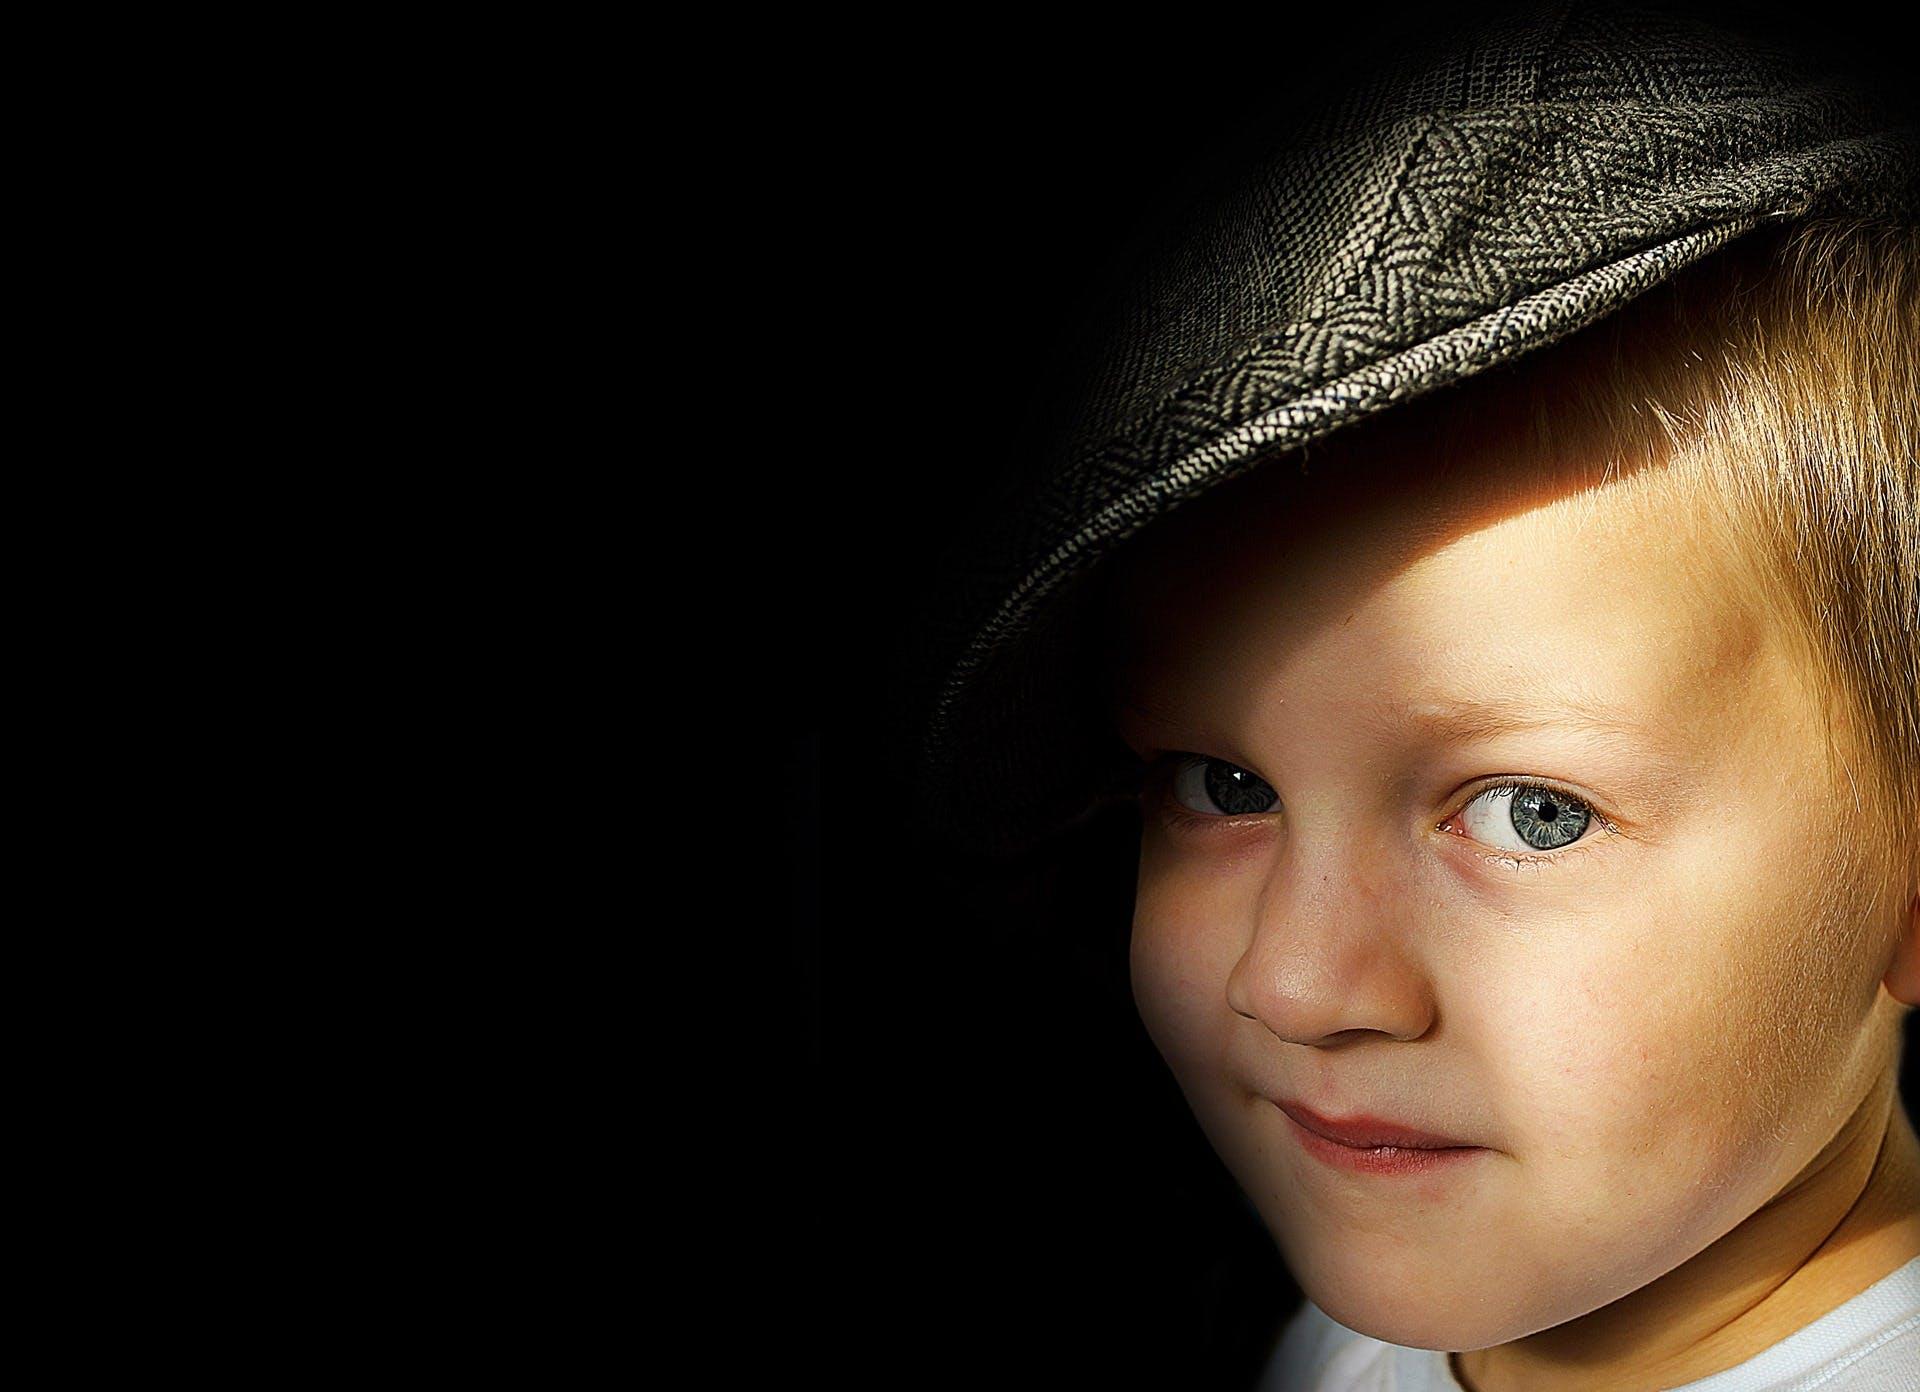 Gratis stockfoto met aanbiddelijk, accessoire, close-up, concentratie